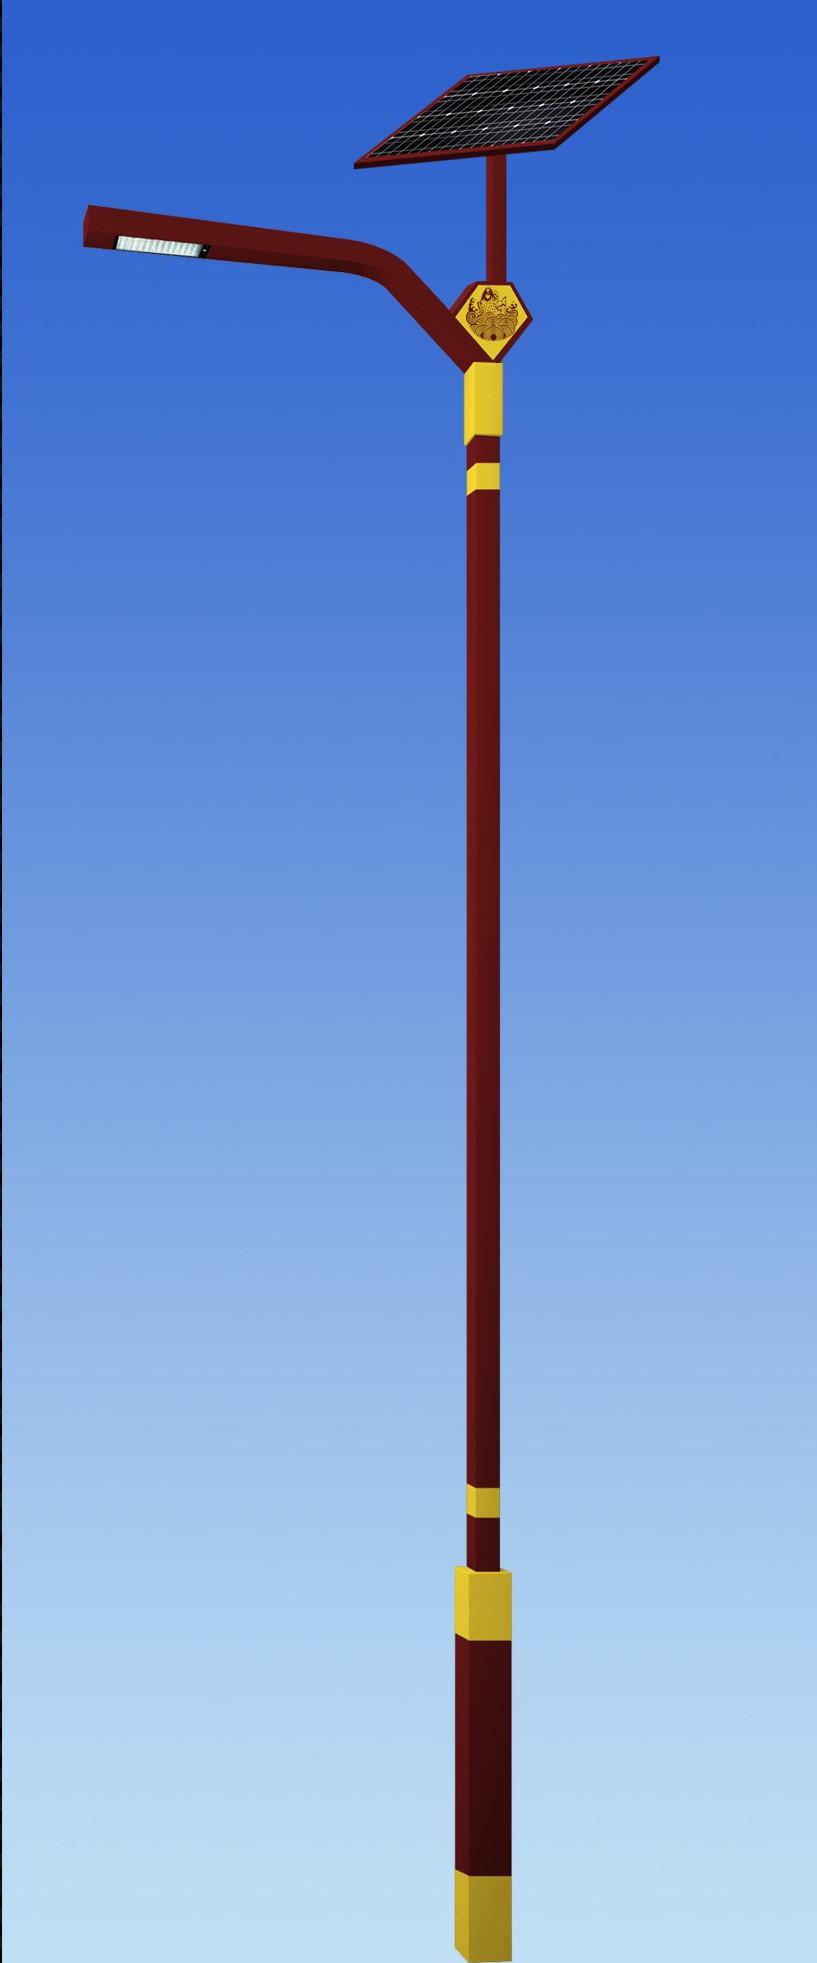 路灯电施工�_青岛通用太阳能路灯维护,太阳能路灯